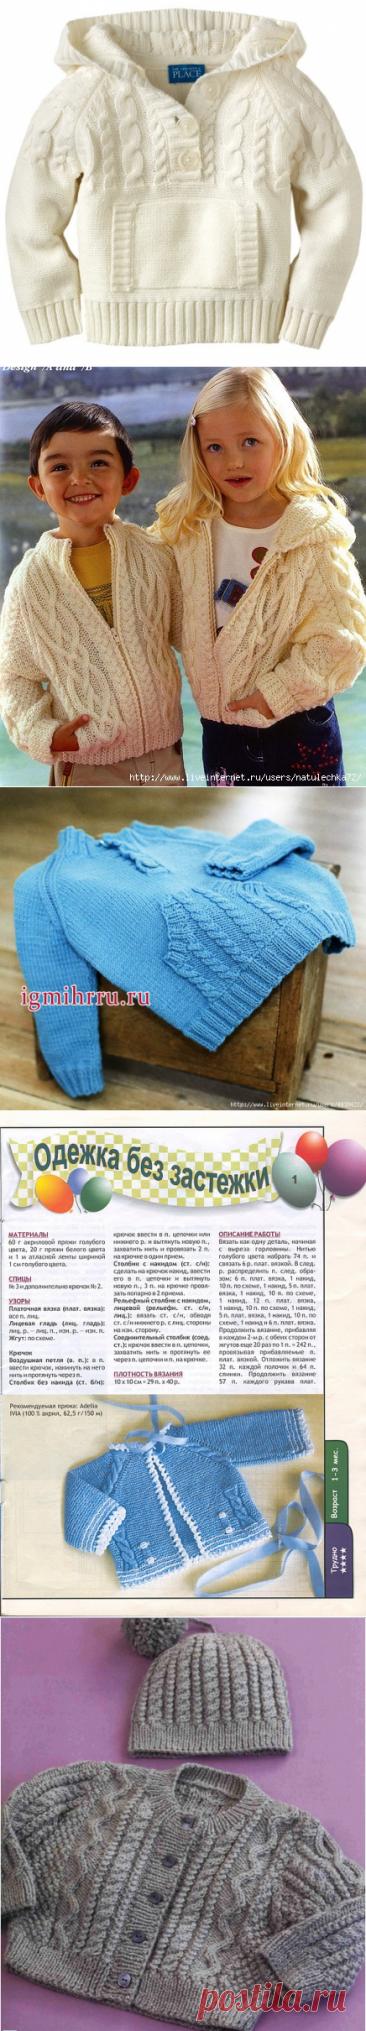 Para los niños los trajes para los muchachos | las Anotaciones en la rúbrica para los niños los trajes para los muchachos | el diario Verchik1